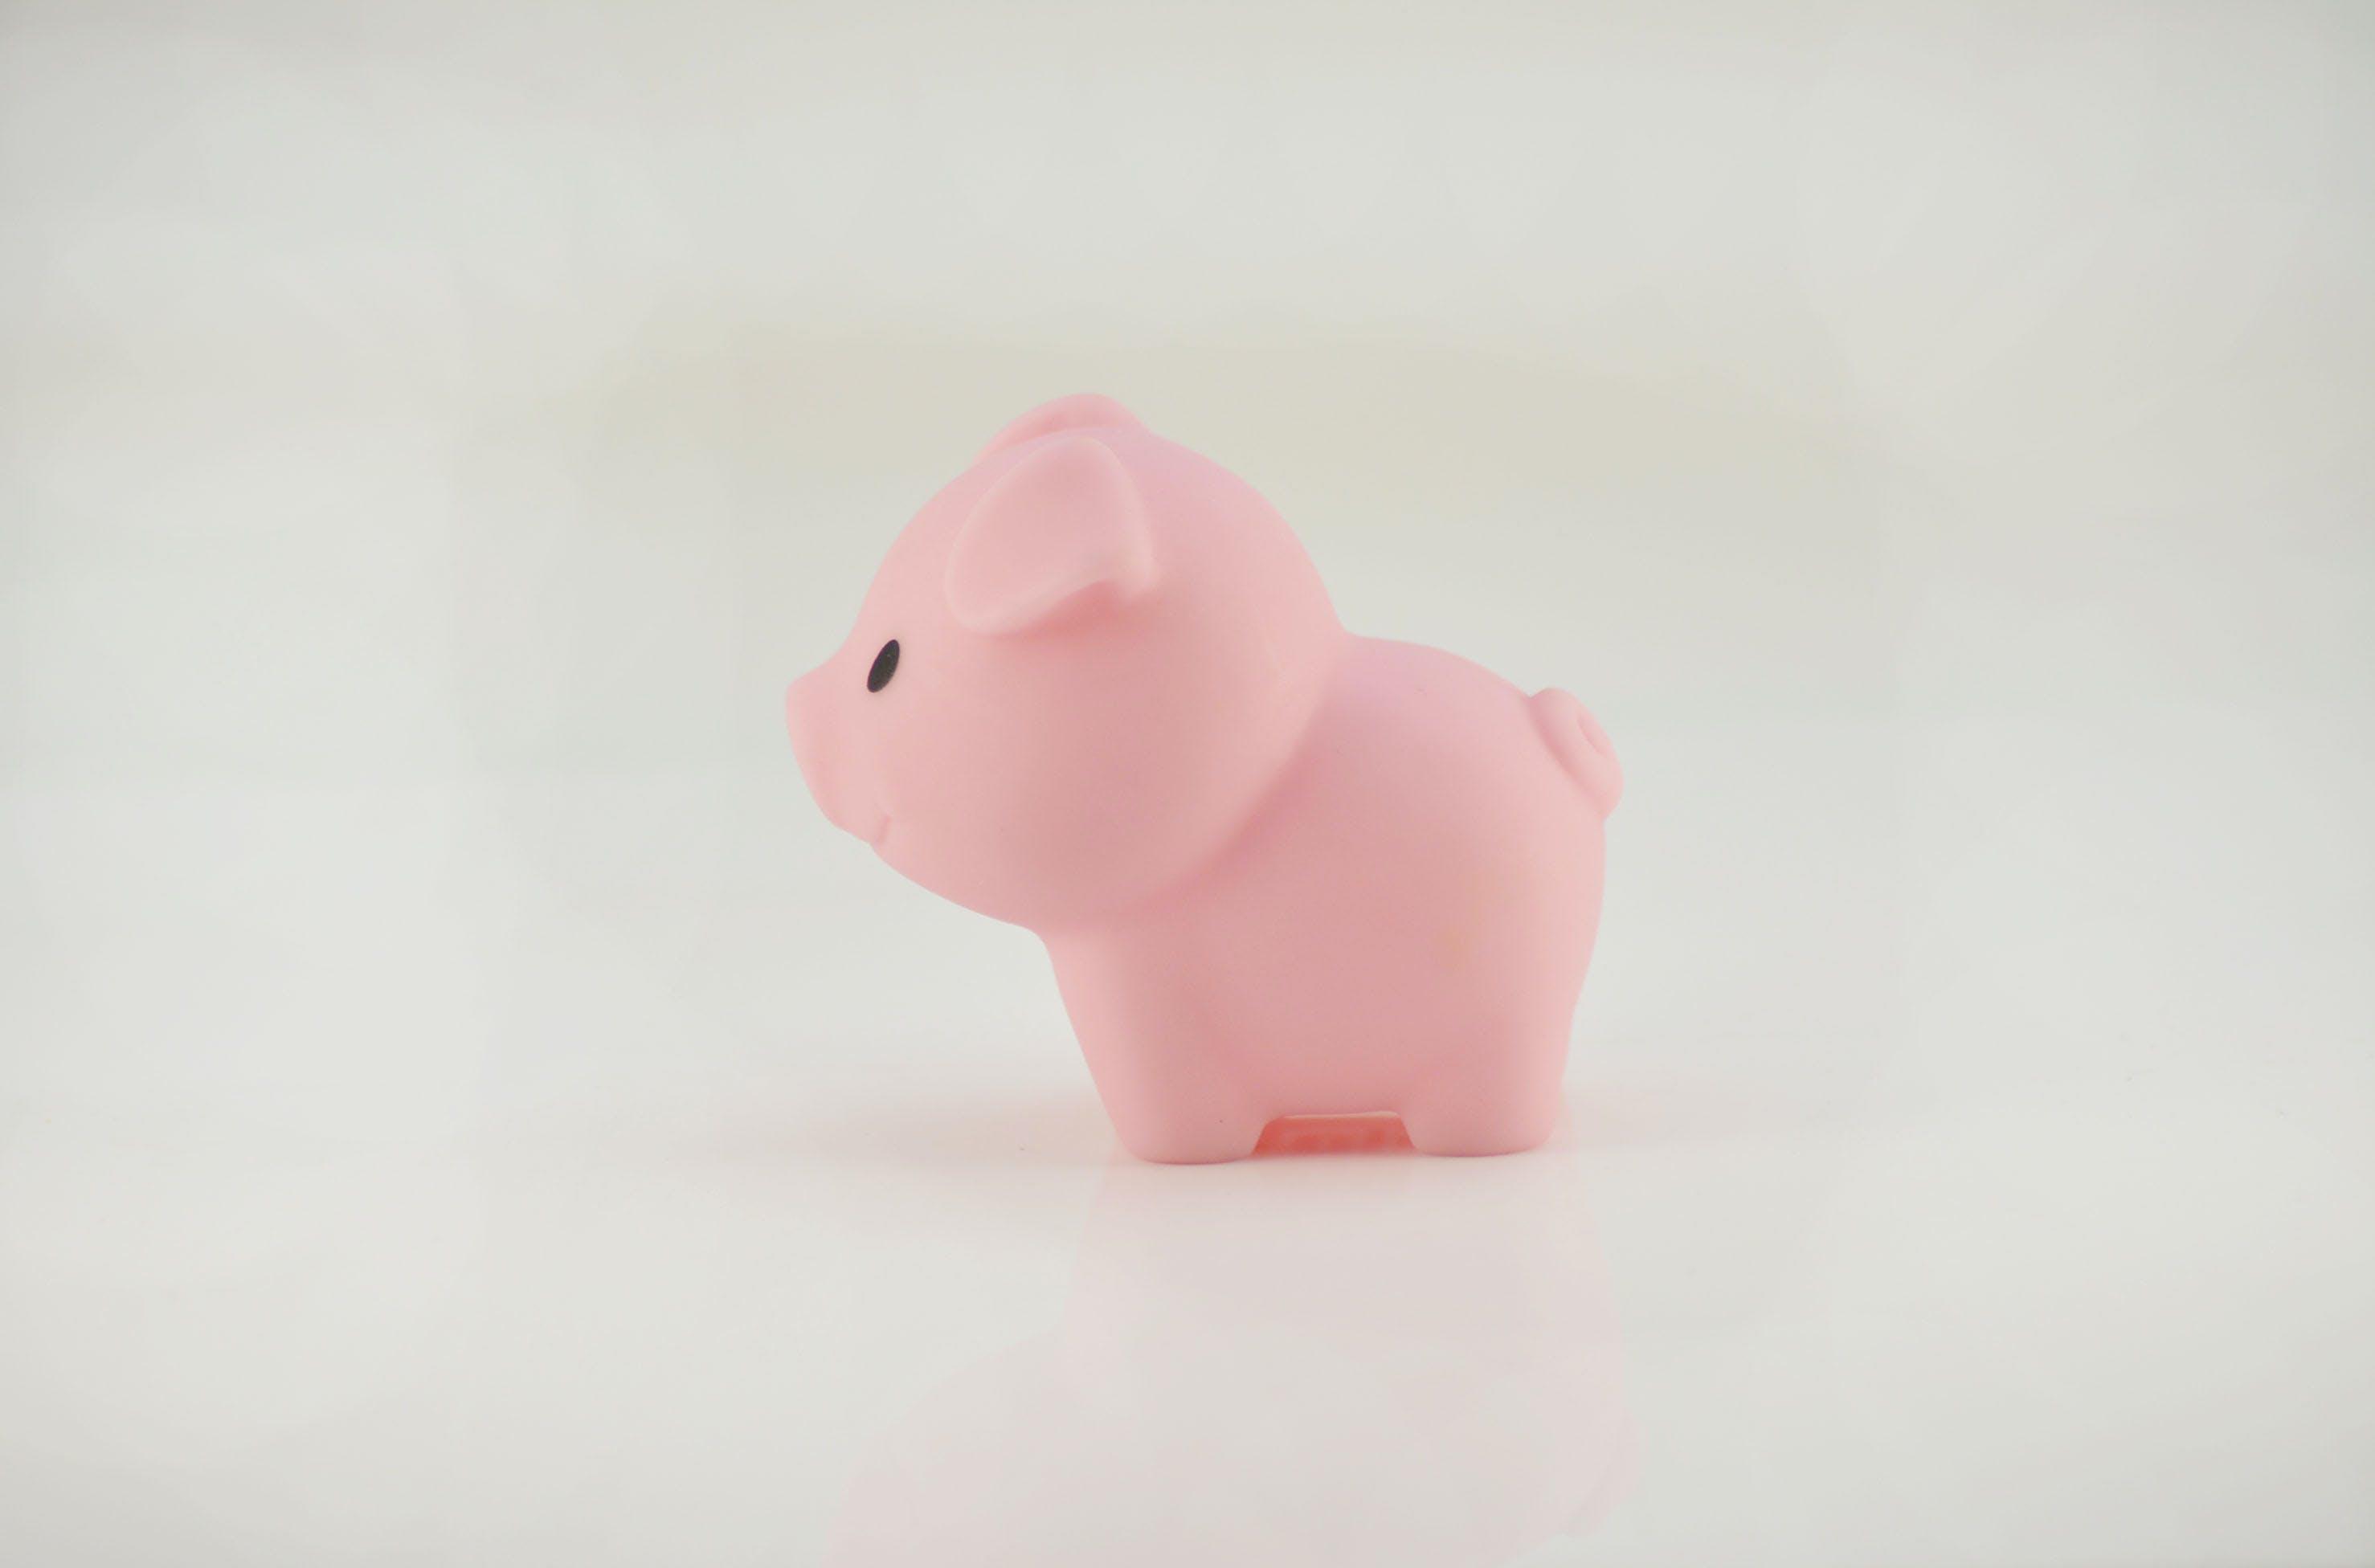 Gratis lagerfoto af bad legetøj, gris, gummi legetøj, gummi piggy